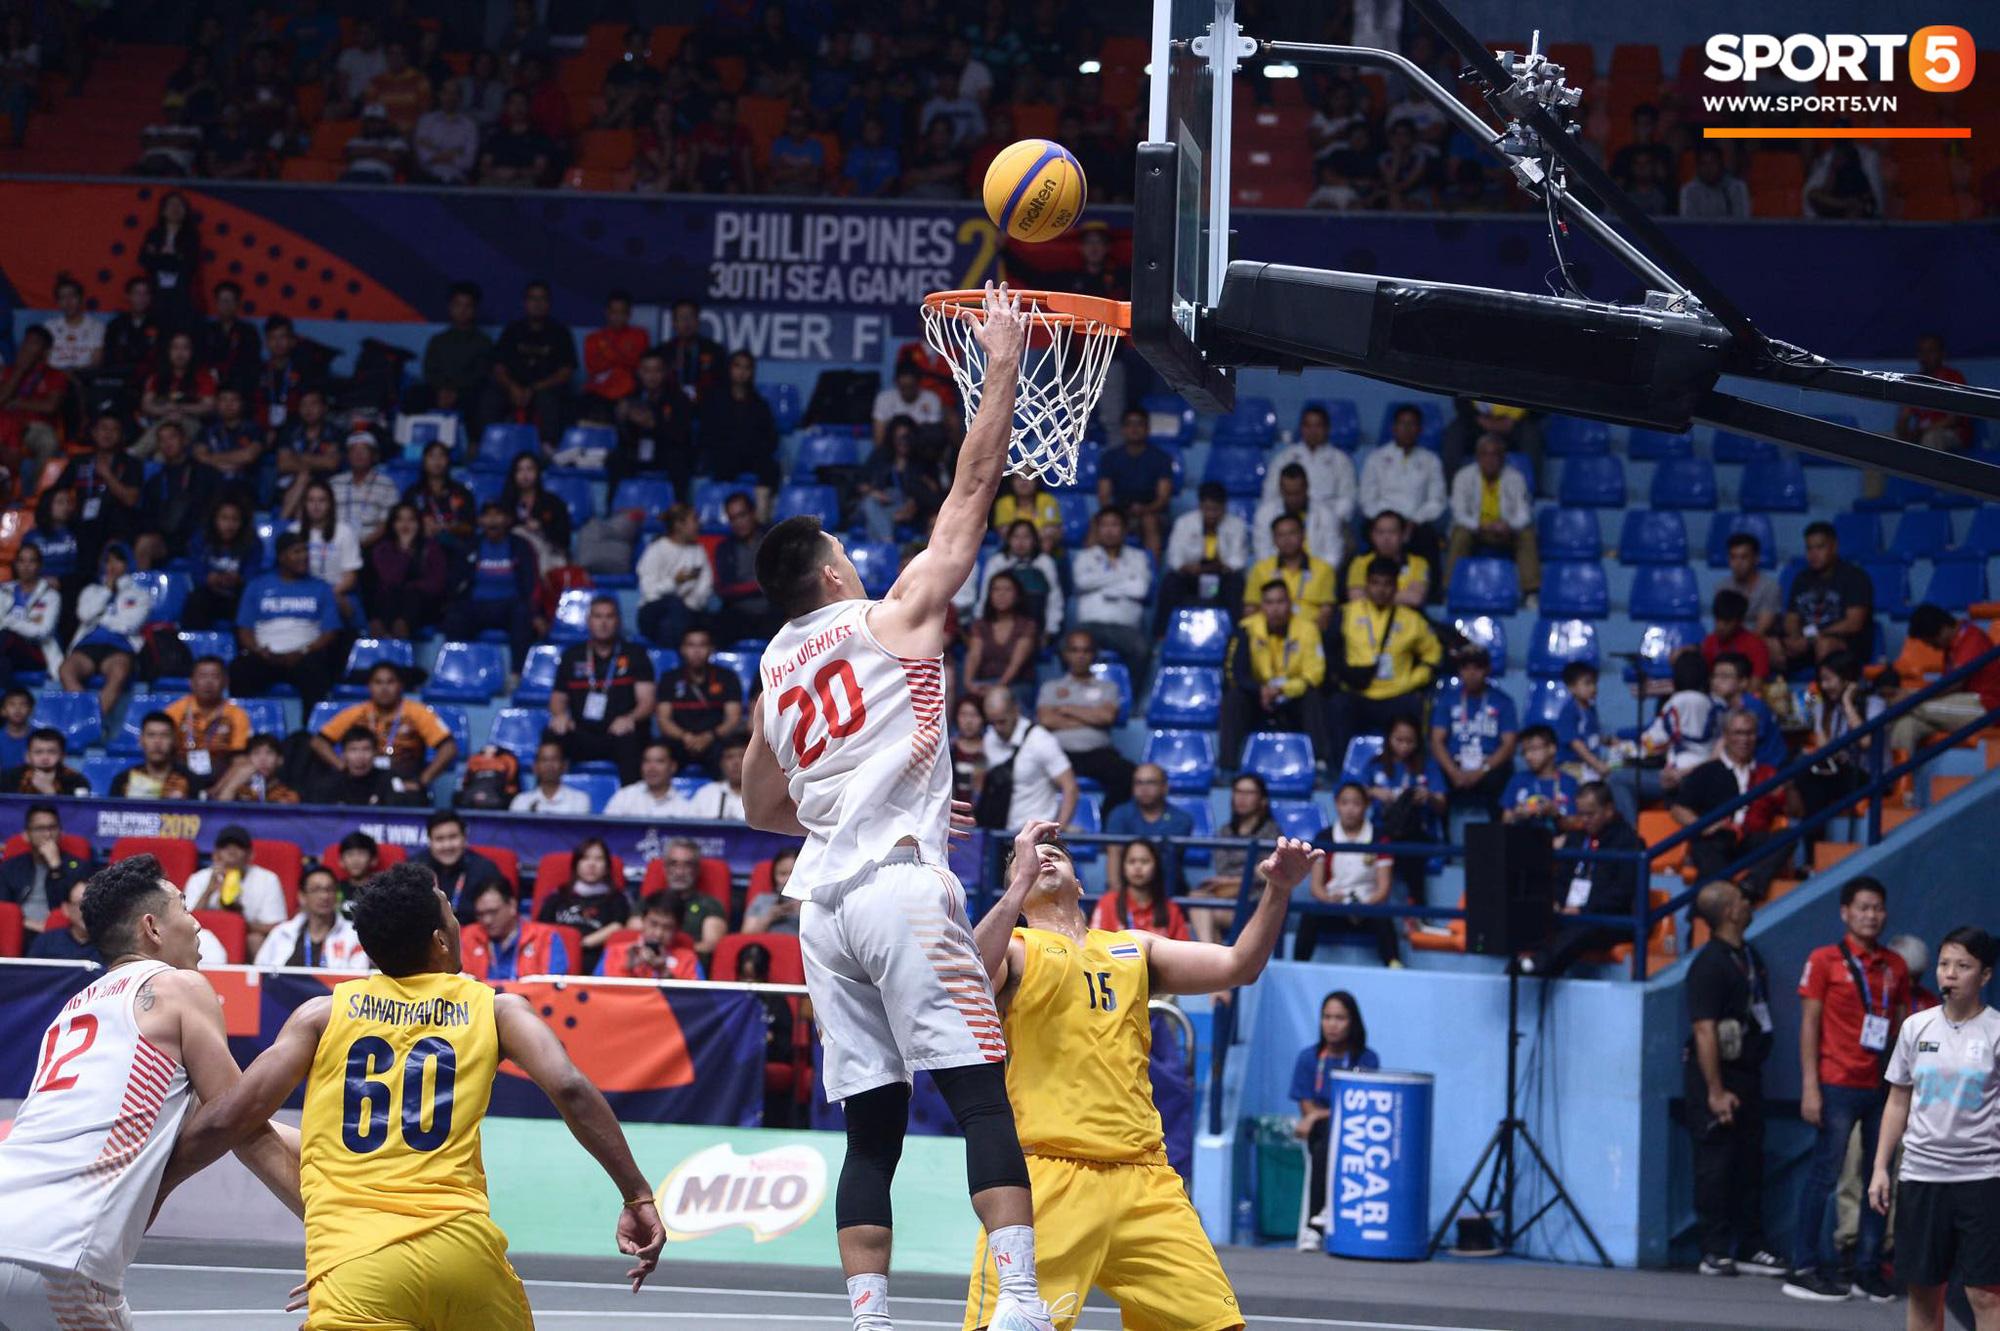 SEA Games 30 ngày 2/12: Thái Lan giúp tuyển nữ Việt Nam vào bán kết ở ngôi nhất bảng - Ảnh 8.